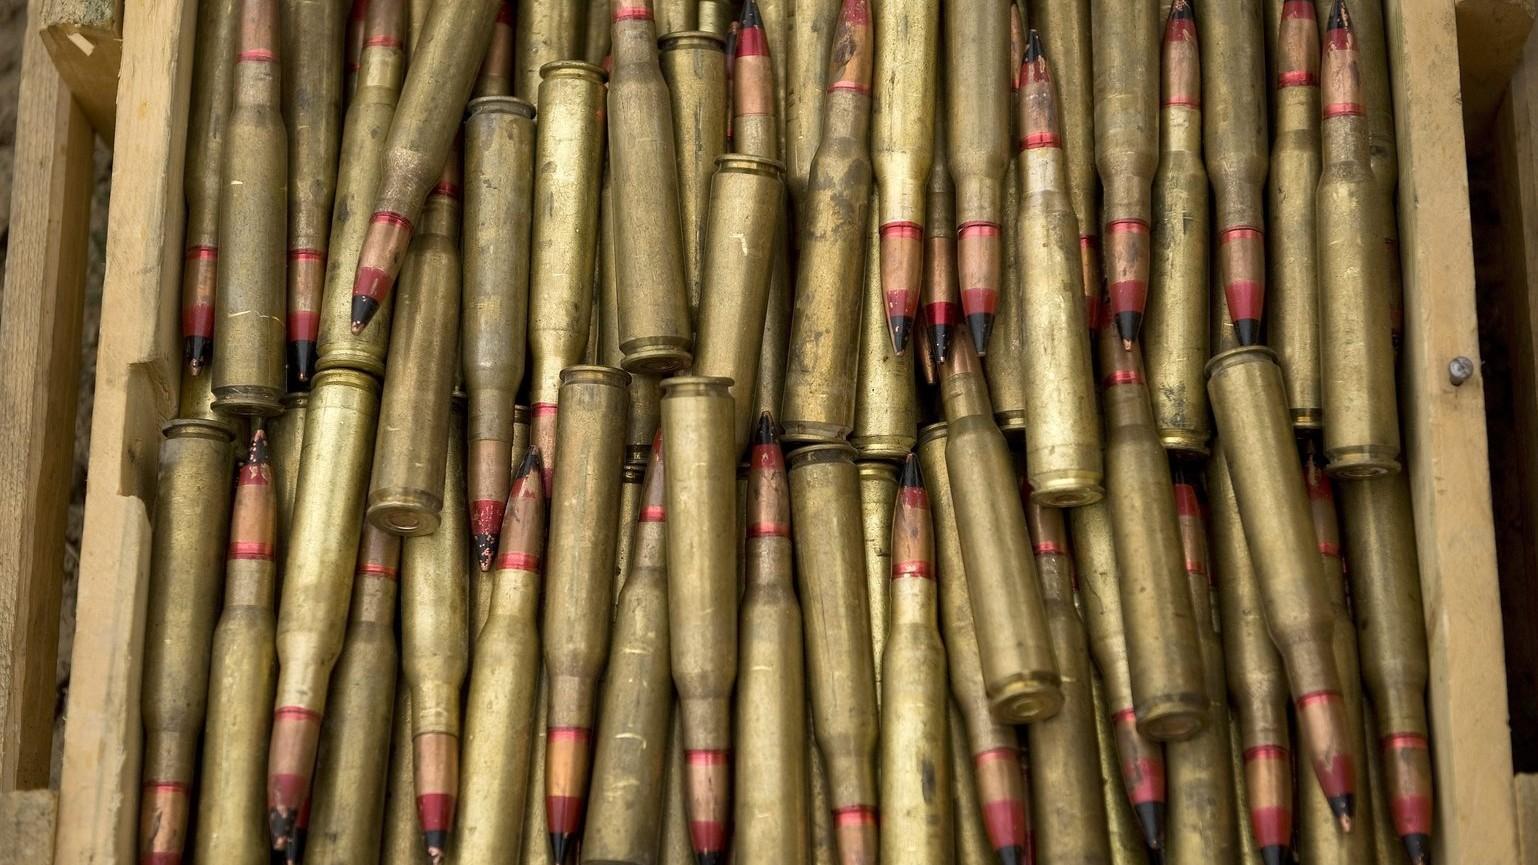 Kilaghaj, 2013. február 15. Egy láda 12,7 milliméteres géppuskalőszer az afganisztáni Kilaghaj közelében 2013. február 15-én, ahol magyar tűzszerészek a PRT lejárt, légi szállításra alkalmatlan lőszereinek és egyéb, házilag robbantásra alkalmassá tehető eszközeinek megsemmisítését végzik. A honvédség Tartományi Újjáépítési Csoportja (PRT) márciusban befejezi munkáját Baglán tartományban. MTI Fotó: Koszticsák Szilárd